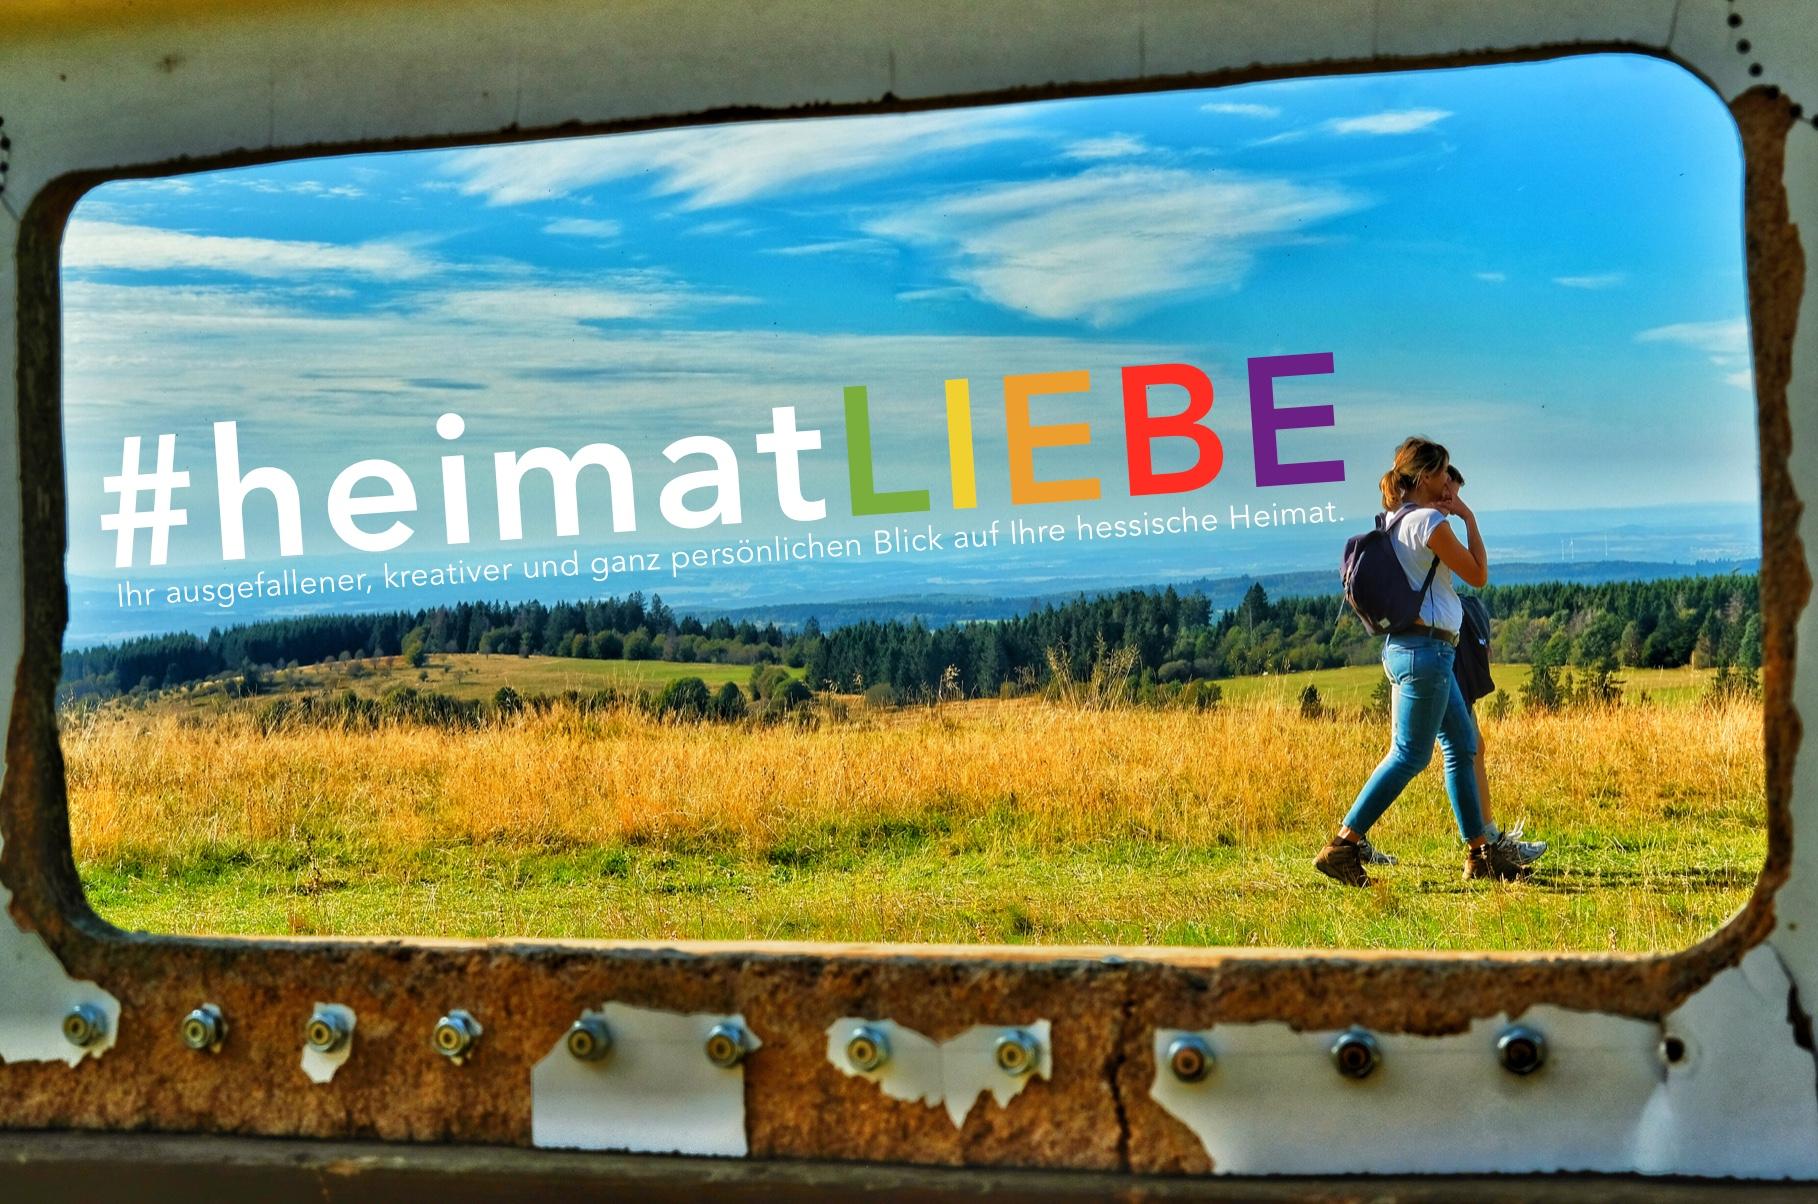 #heimatLIEBE - Fotowettbewerb - Ihr ausgefallener, kreativer und ganz persönlicher Blick auf Ihre hessische Heimat!